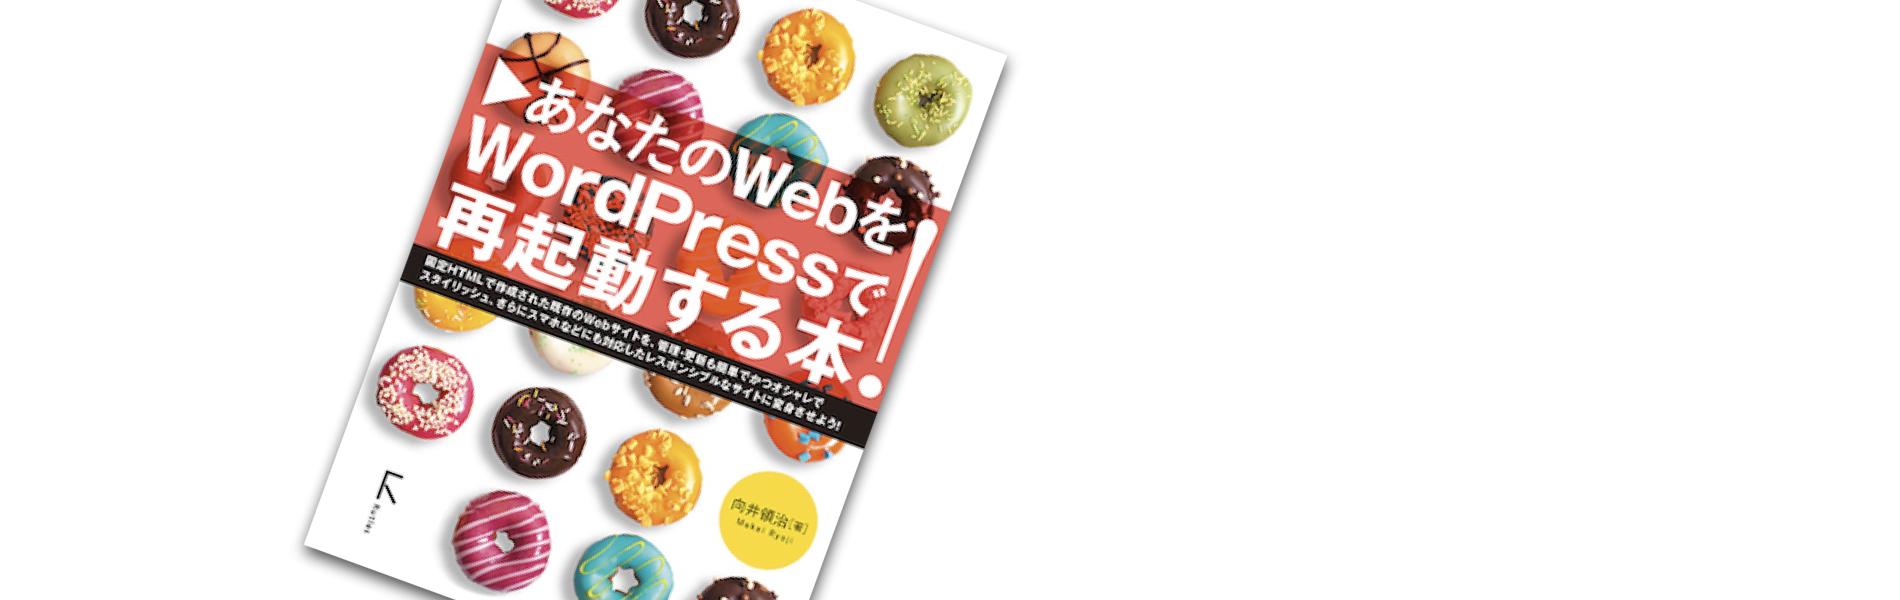 『あなたのWebを WordPressで再起動する本』